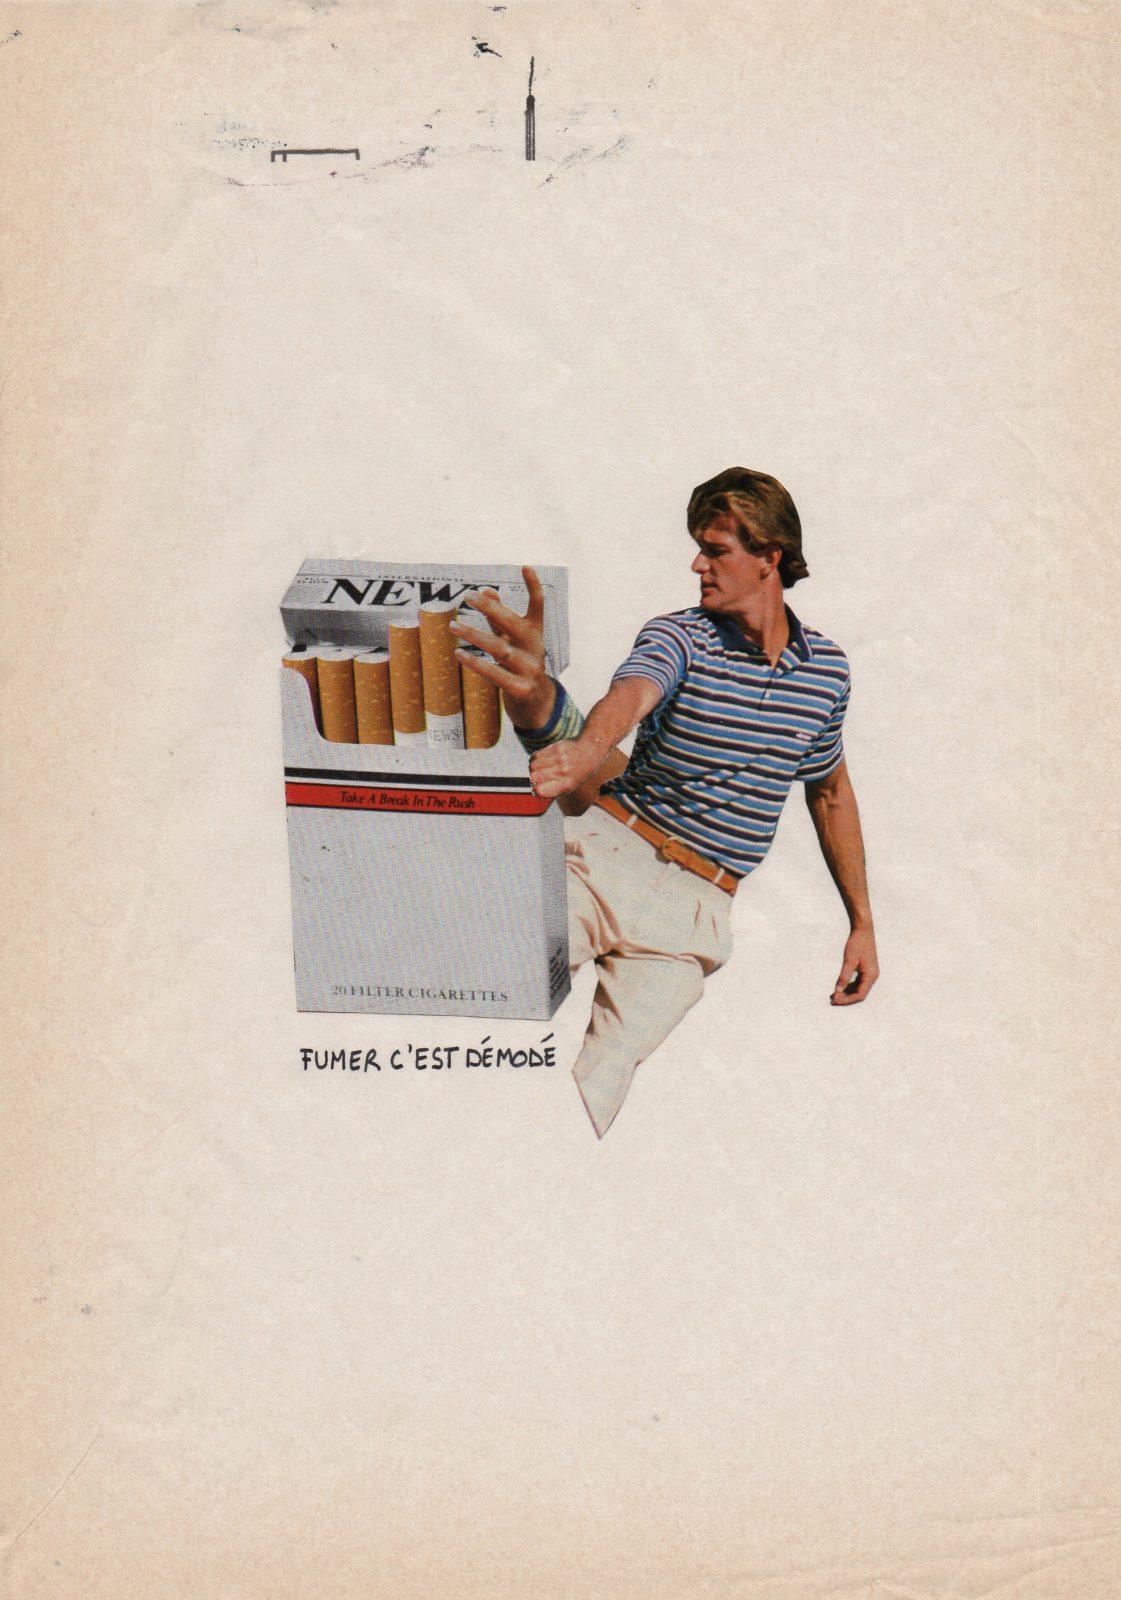 fumer c'est démodé